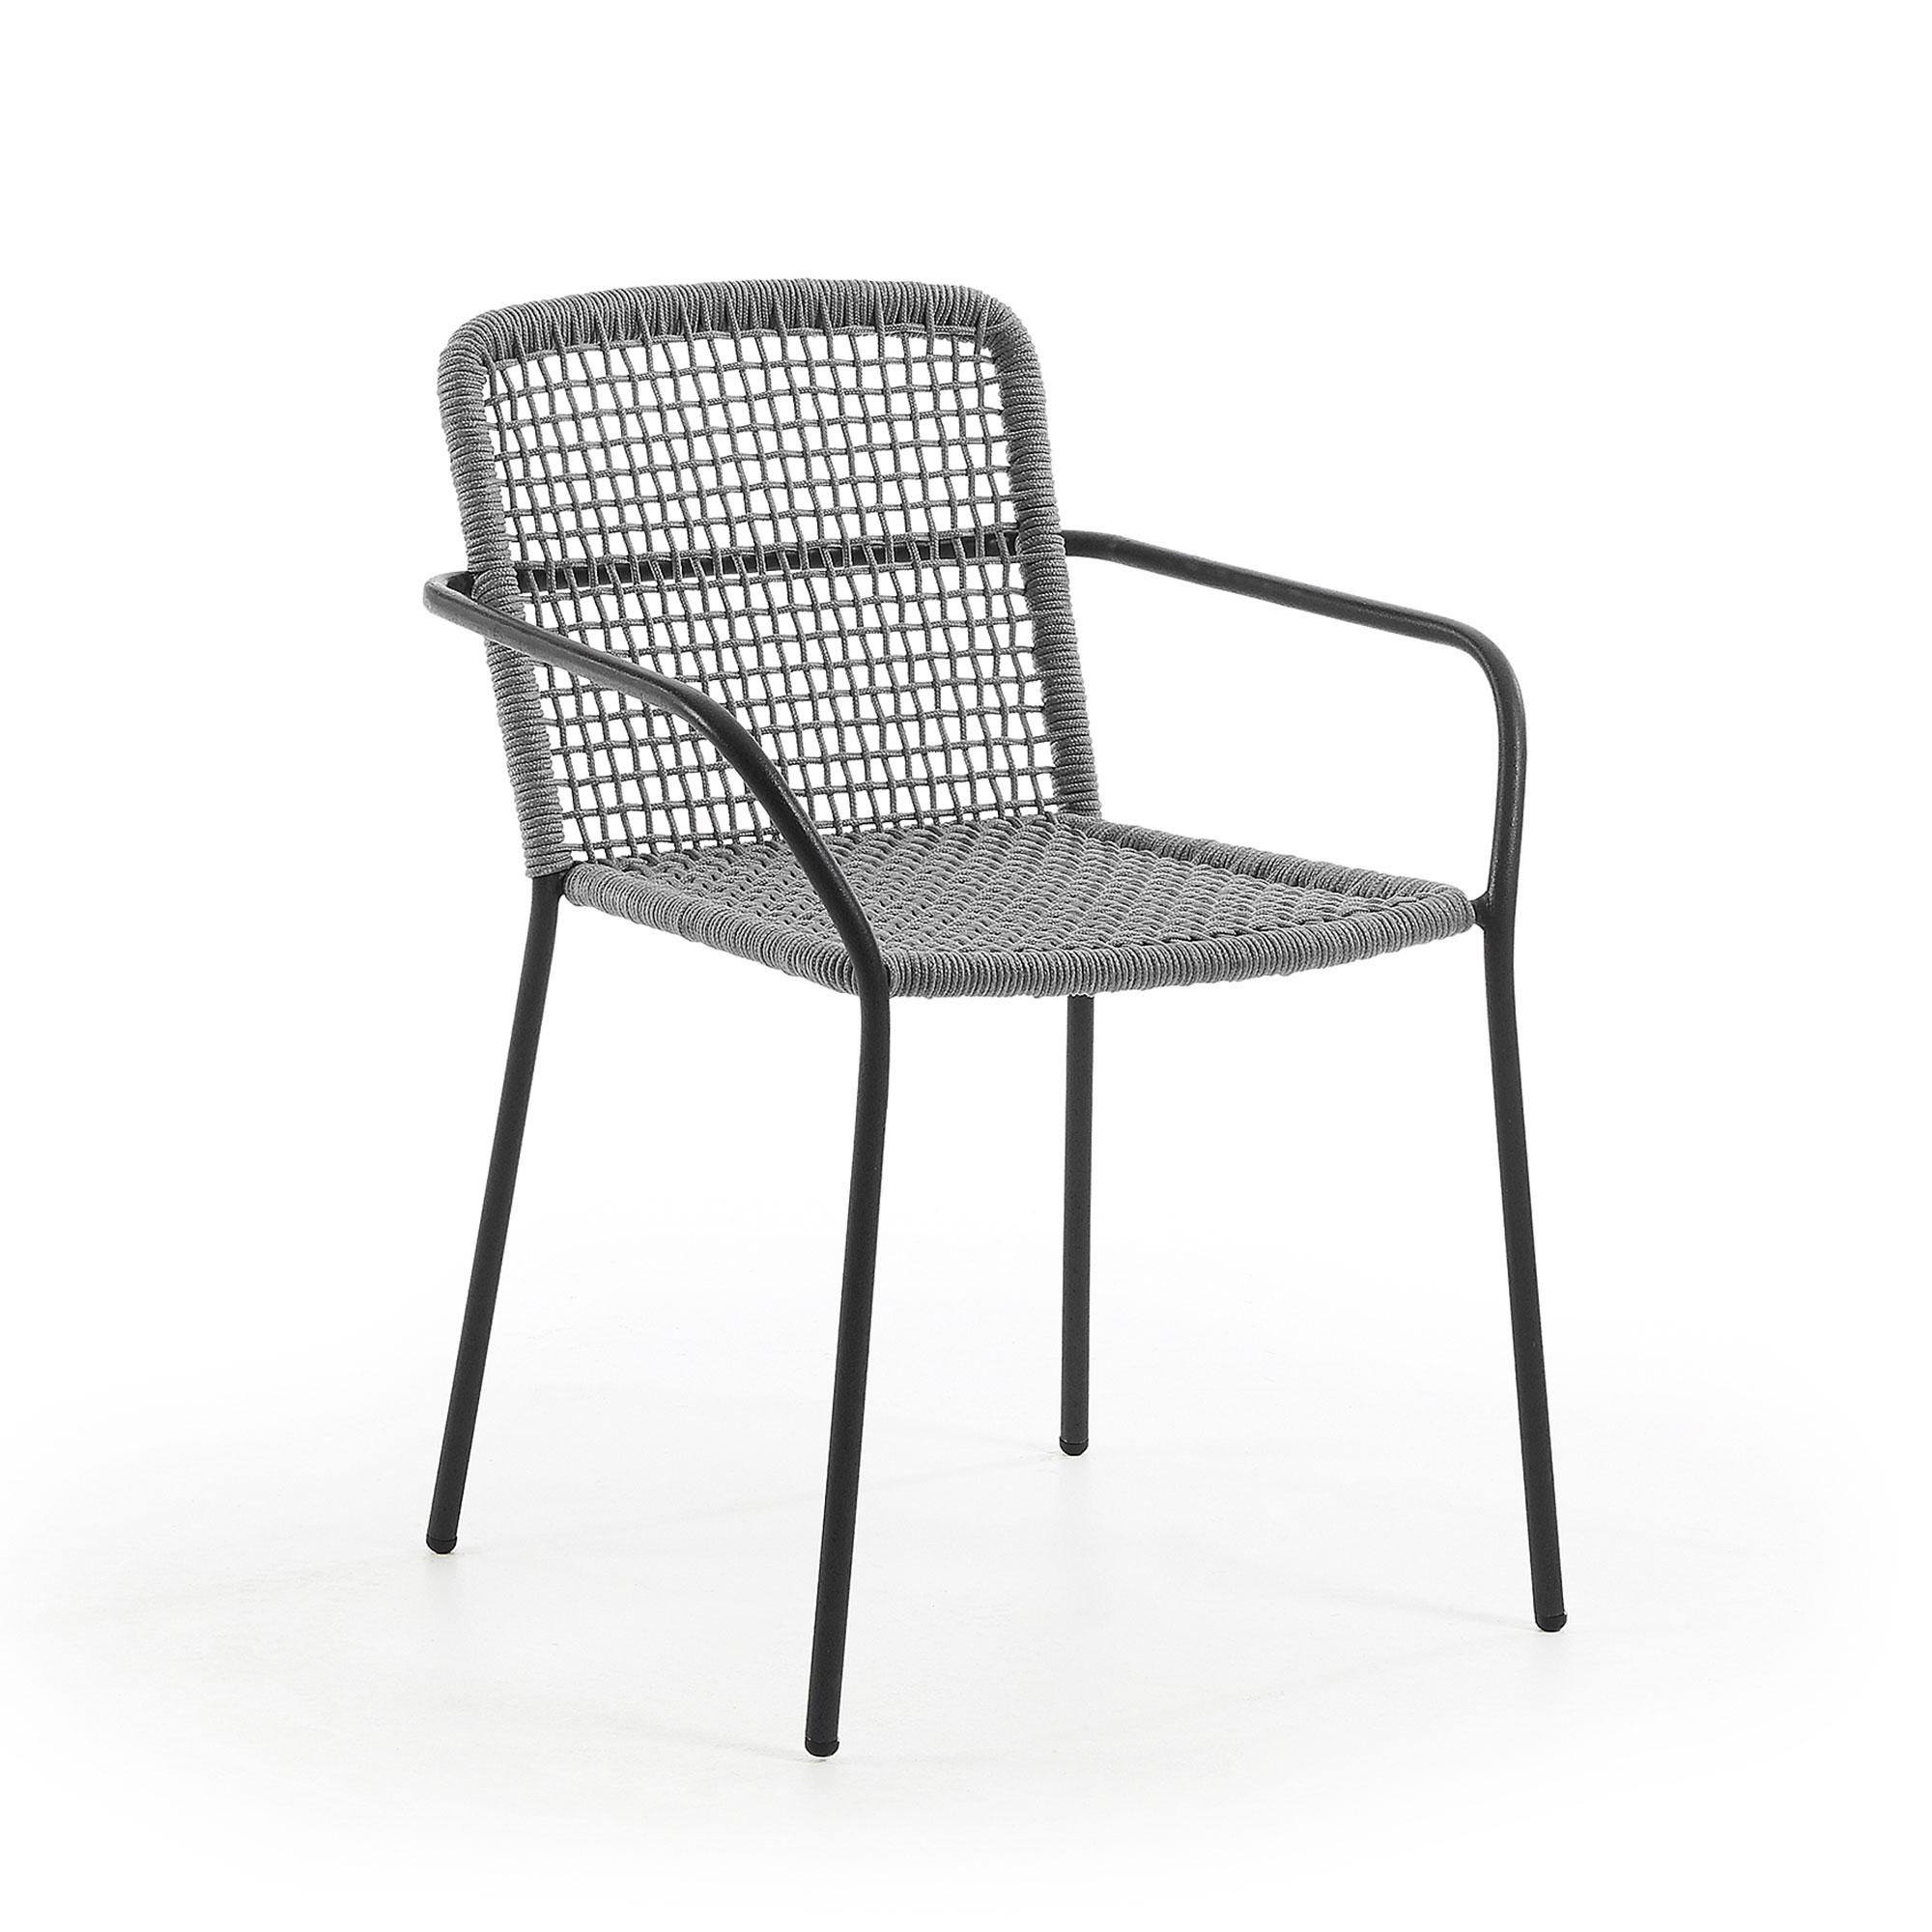 laforma – Laforma boomer lænestol - grå polyester/stål, m. armlæn på boboonline.dk